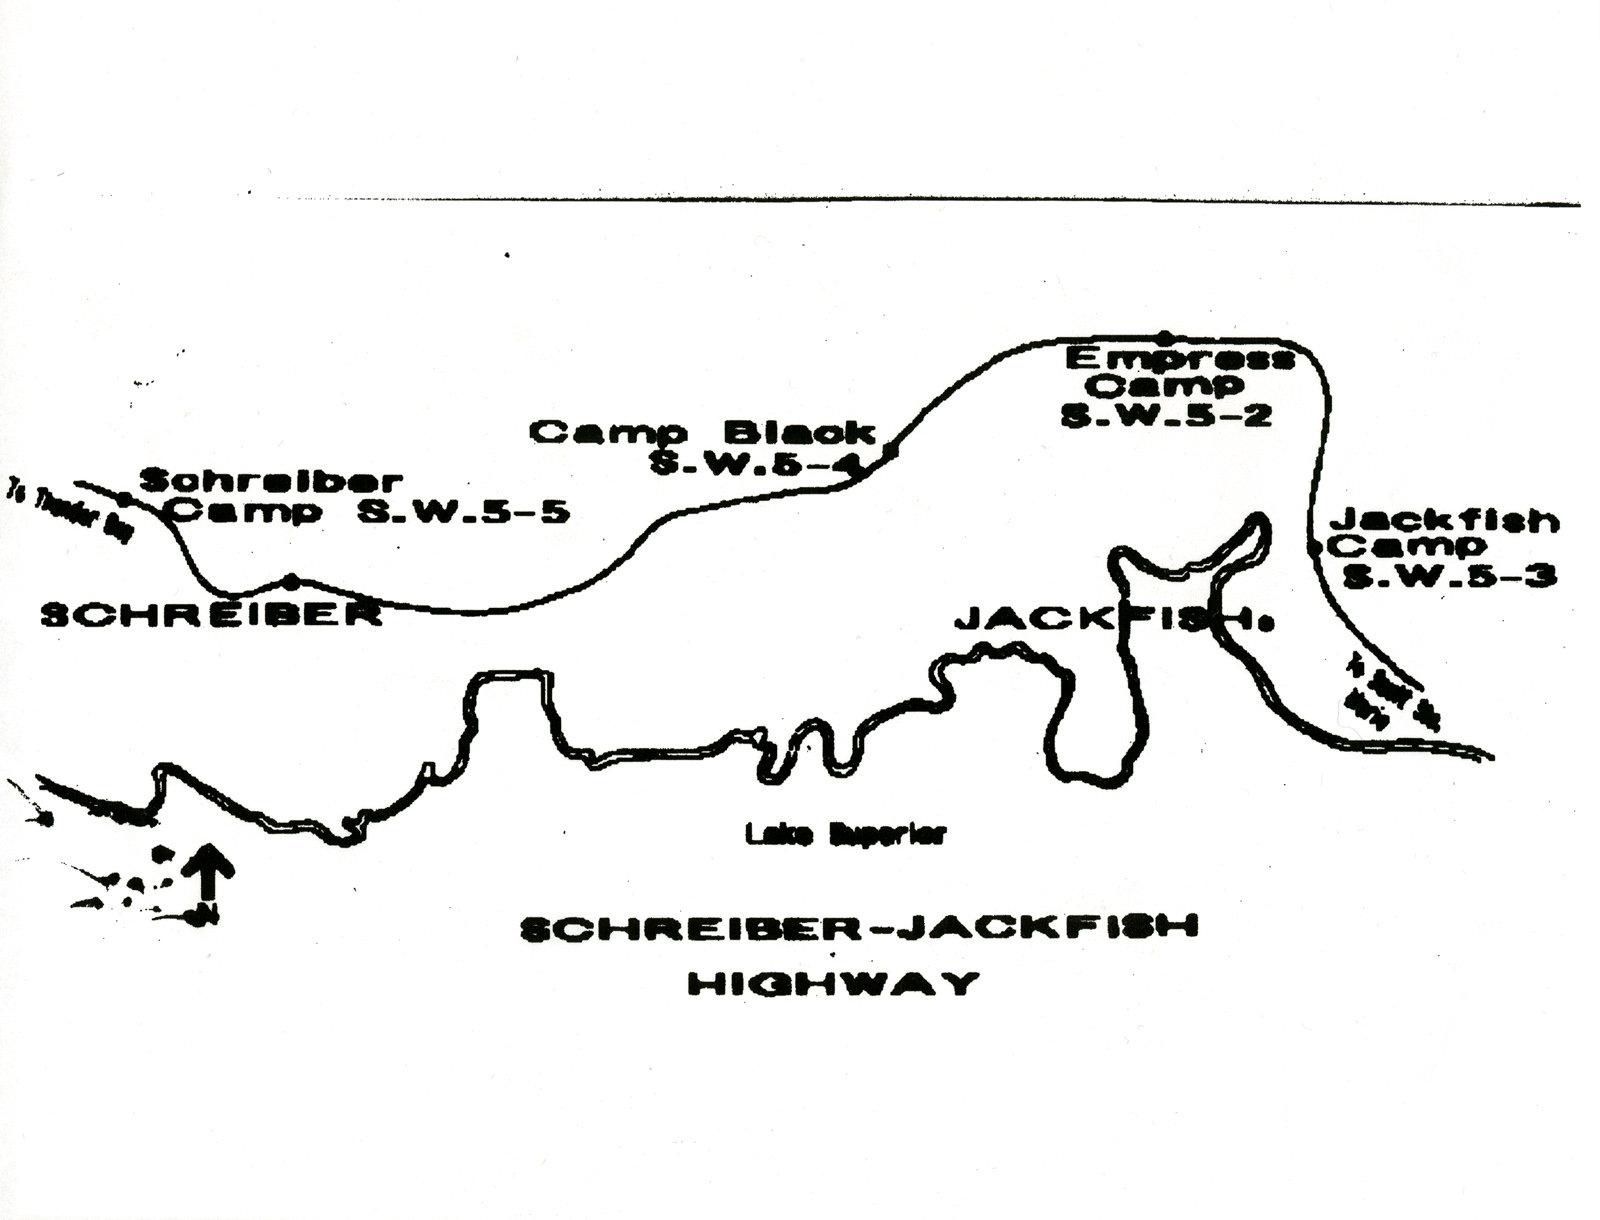 Map of Highway from Schreiber to Jackfish: Schreiber Rail